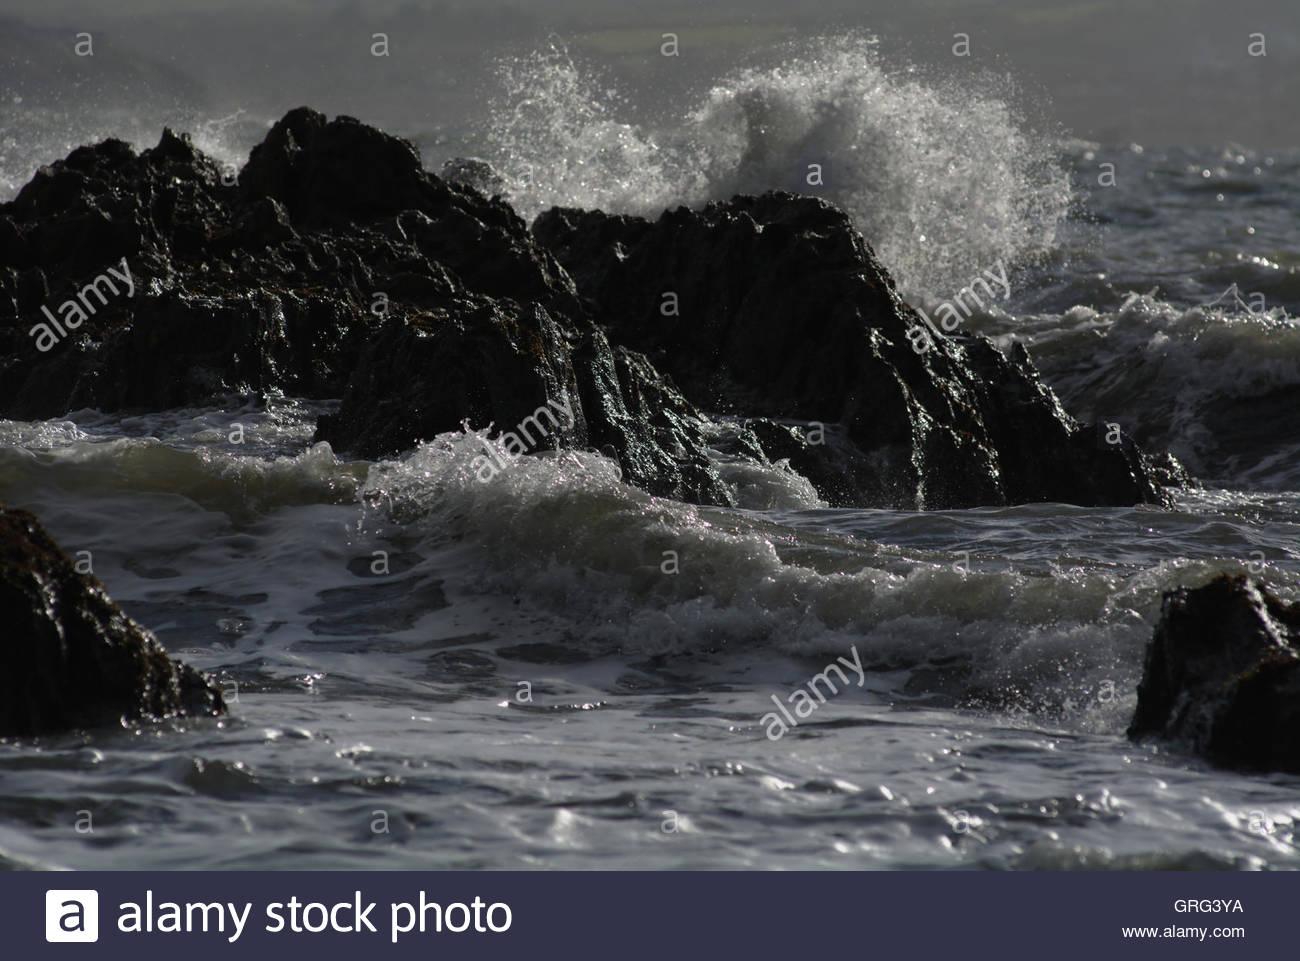 Storm waves smashing against rocks - Stock Image